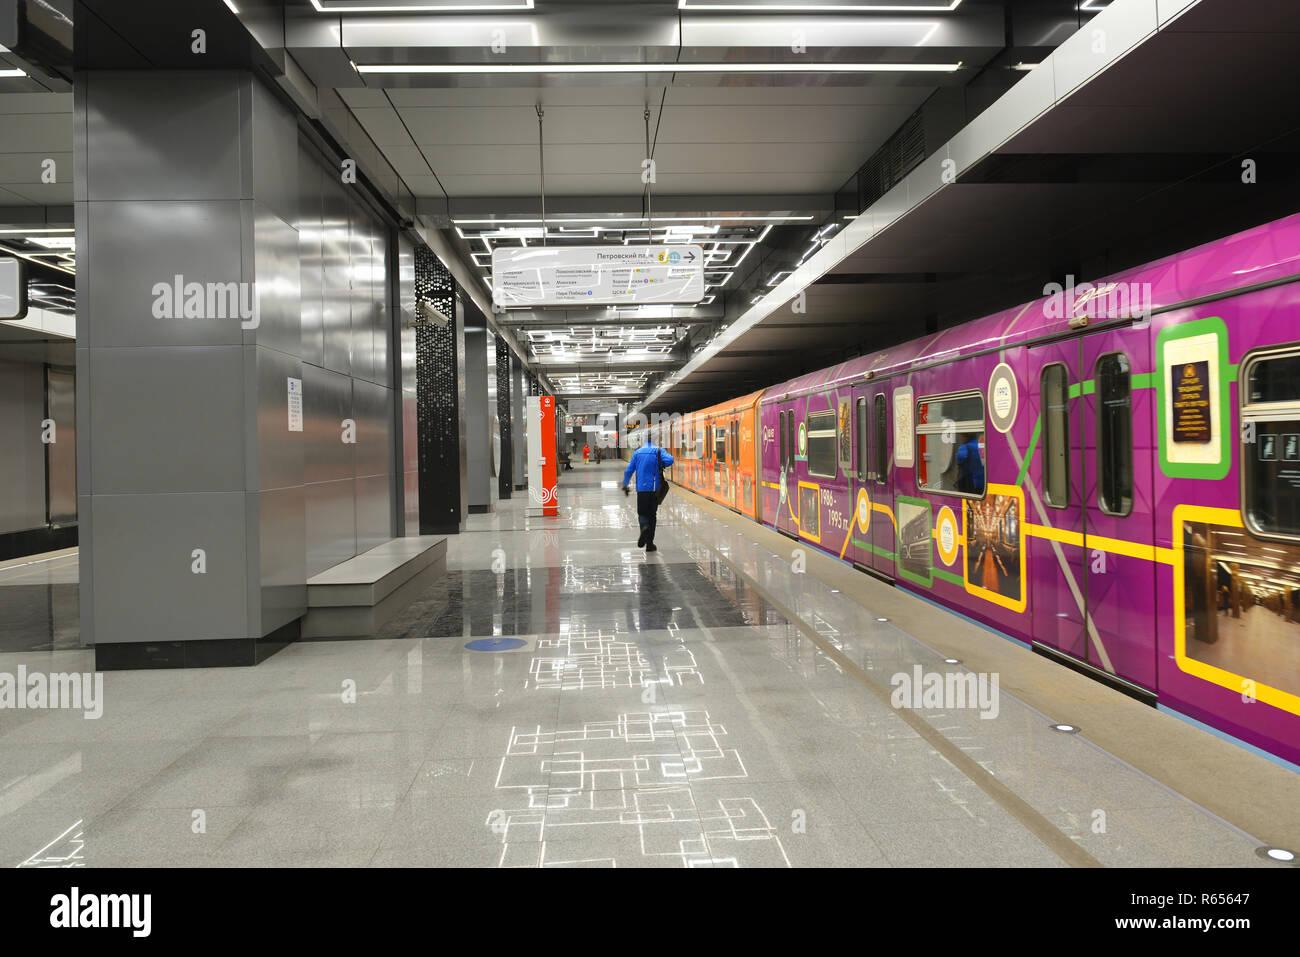 """Sur Kalininsko-Solntsevskaya Govorovo station, Ligne de métro de Moscou, il ouvre ses portes le 30 août 2018. La thématique """"80 ans au rythme de la Photo Stock"""